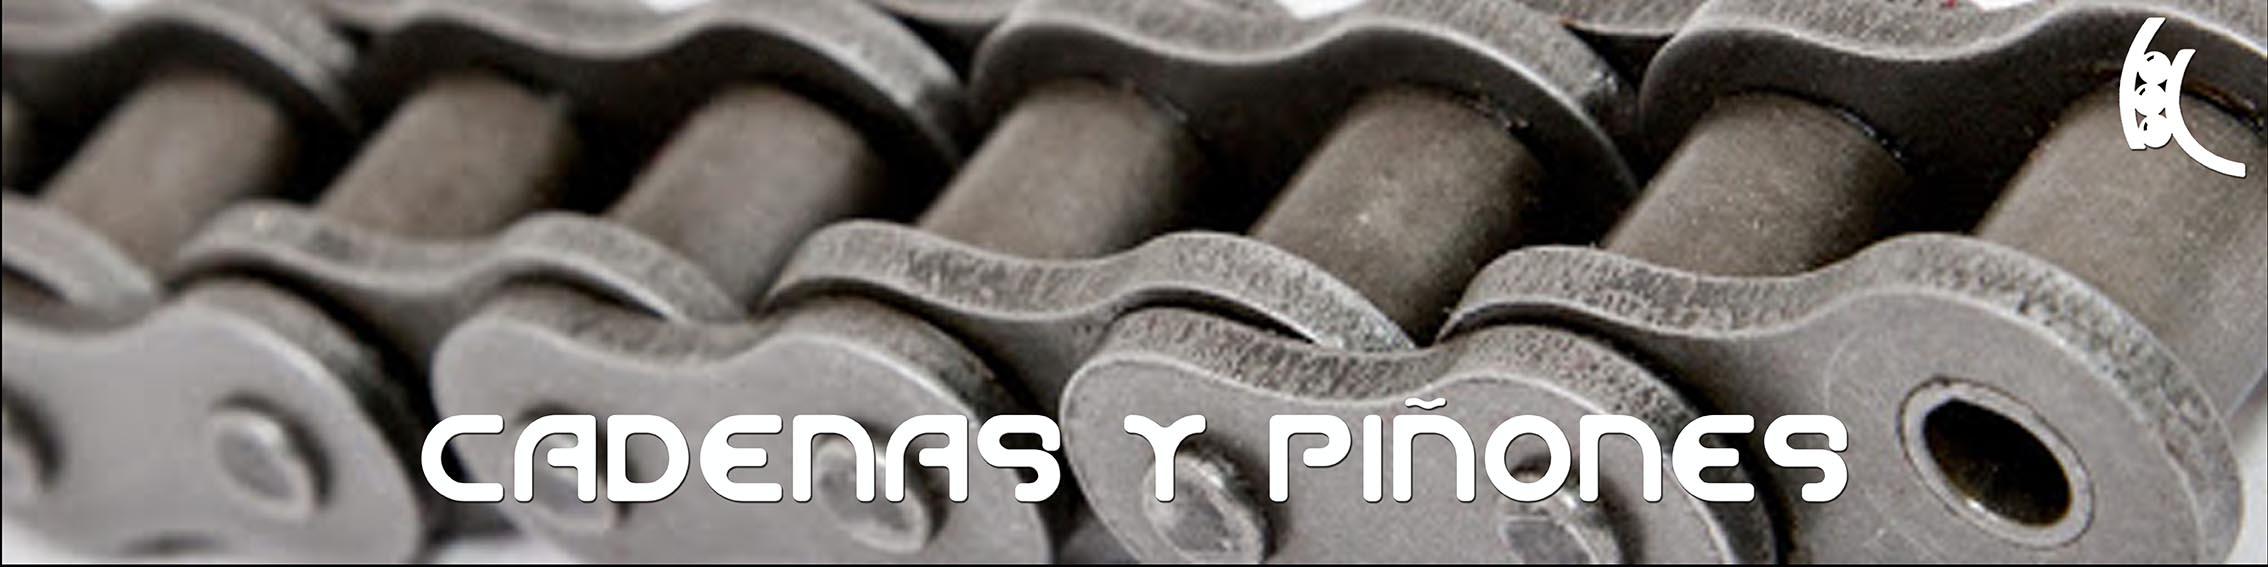 banner cadenas y piñones 2.jpg